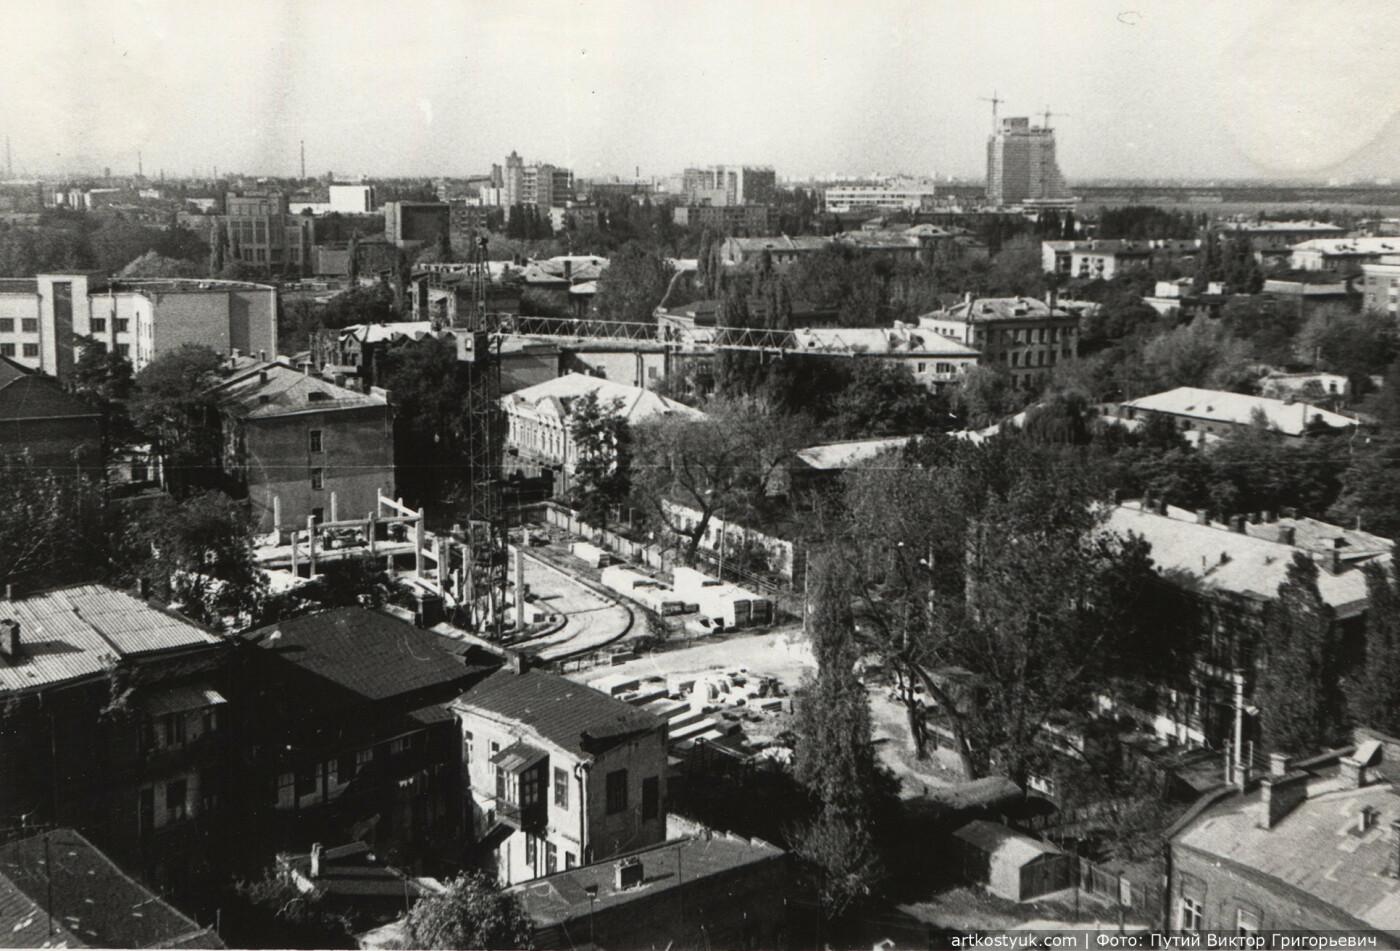 Пересечение улиц Глинки и Харьковская, конец 1980-х